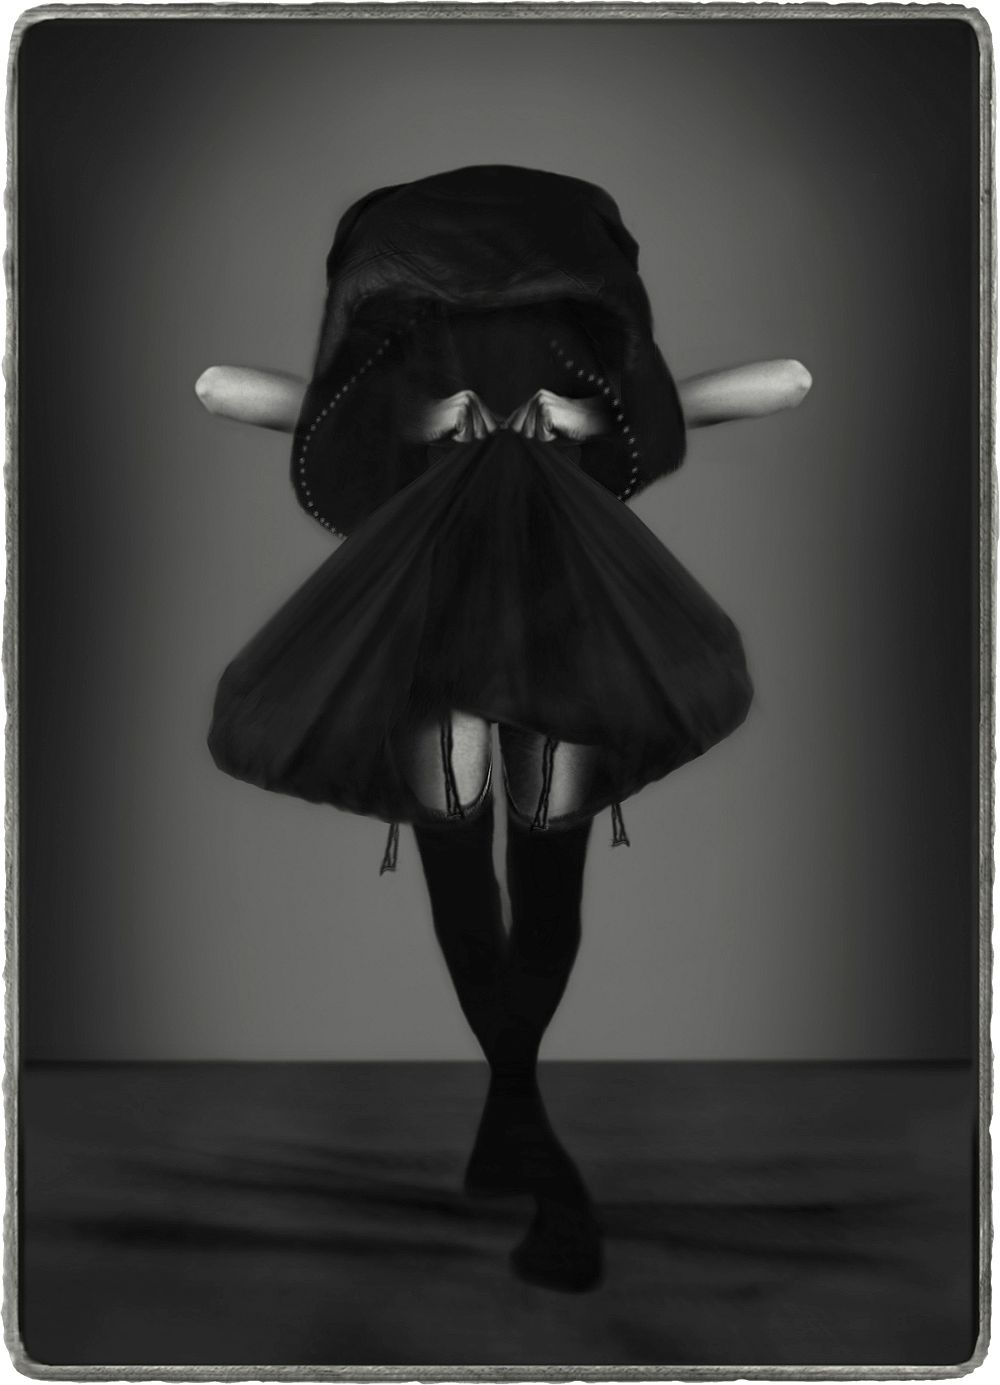 schilte-portielje-conceptual-photographers-03